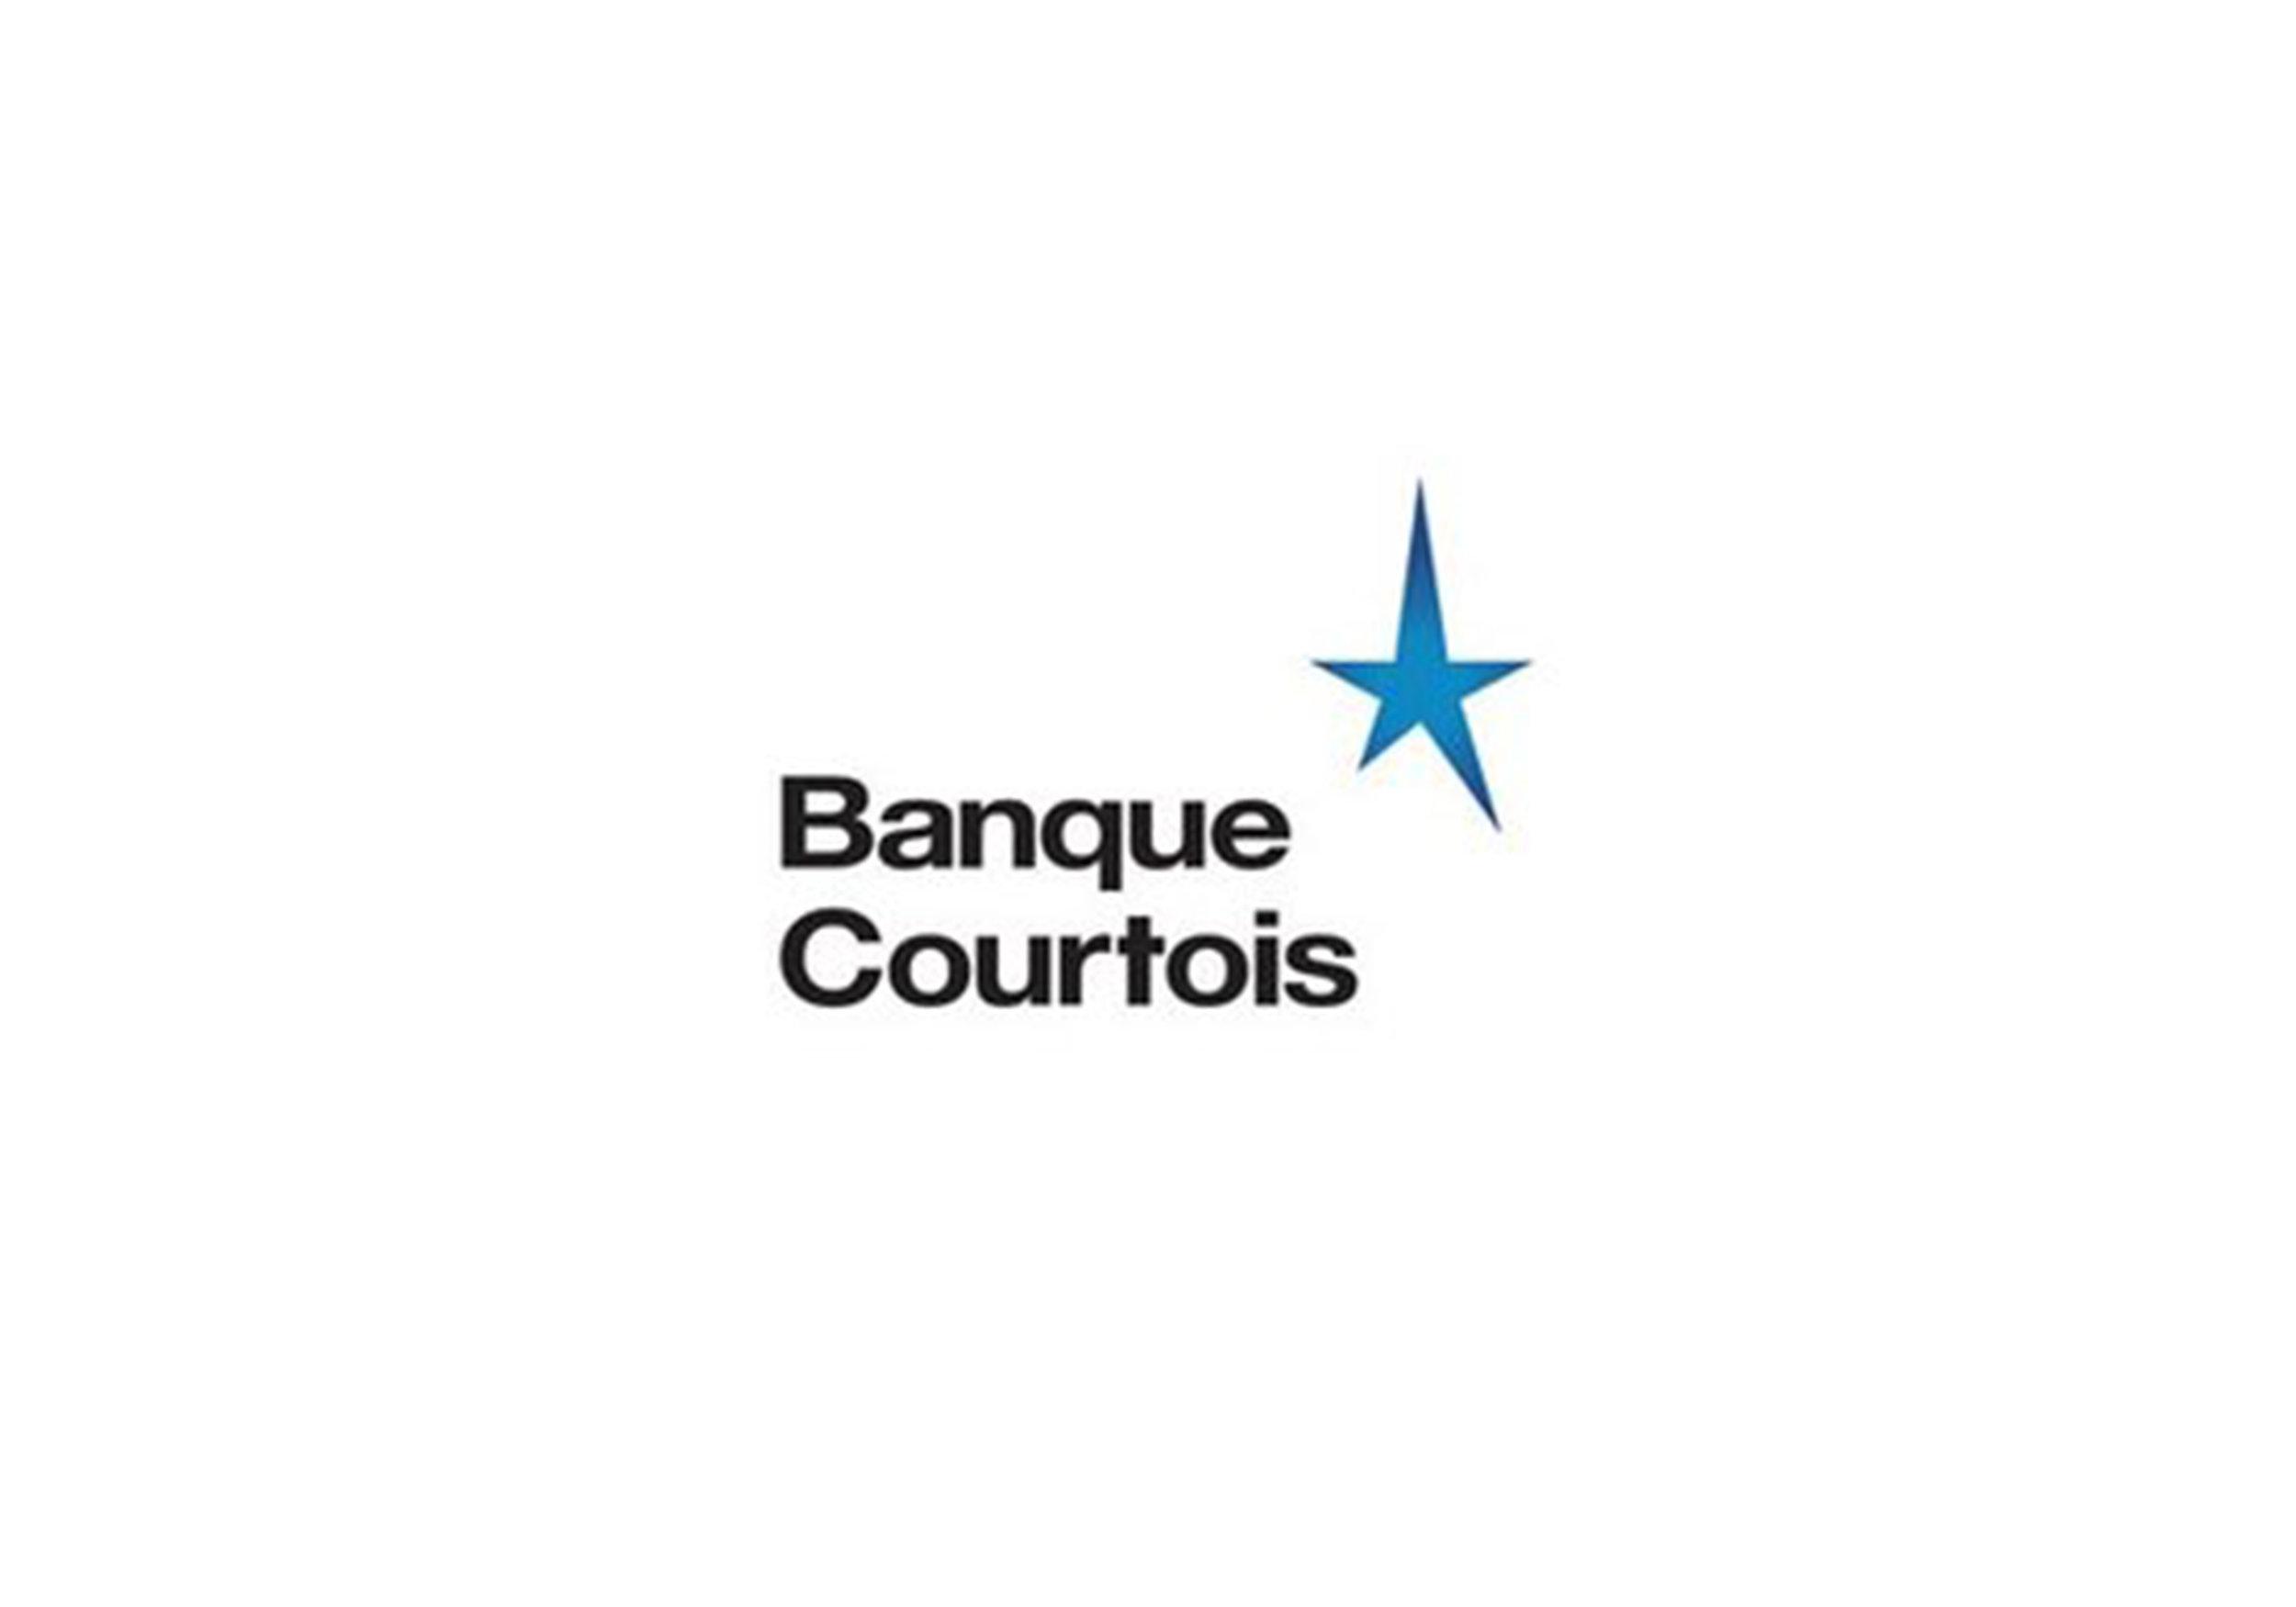 Banque Courtois.jpg